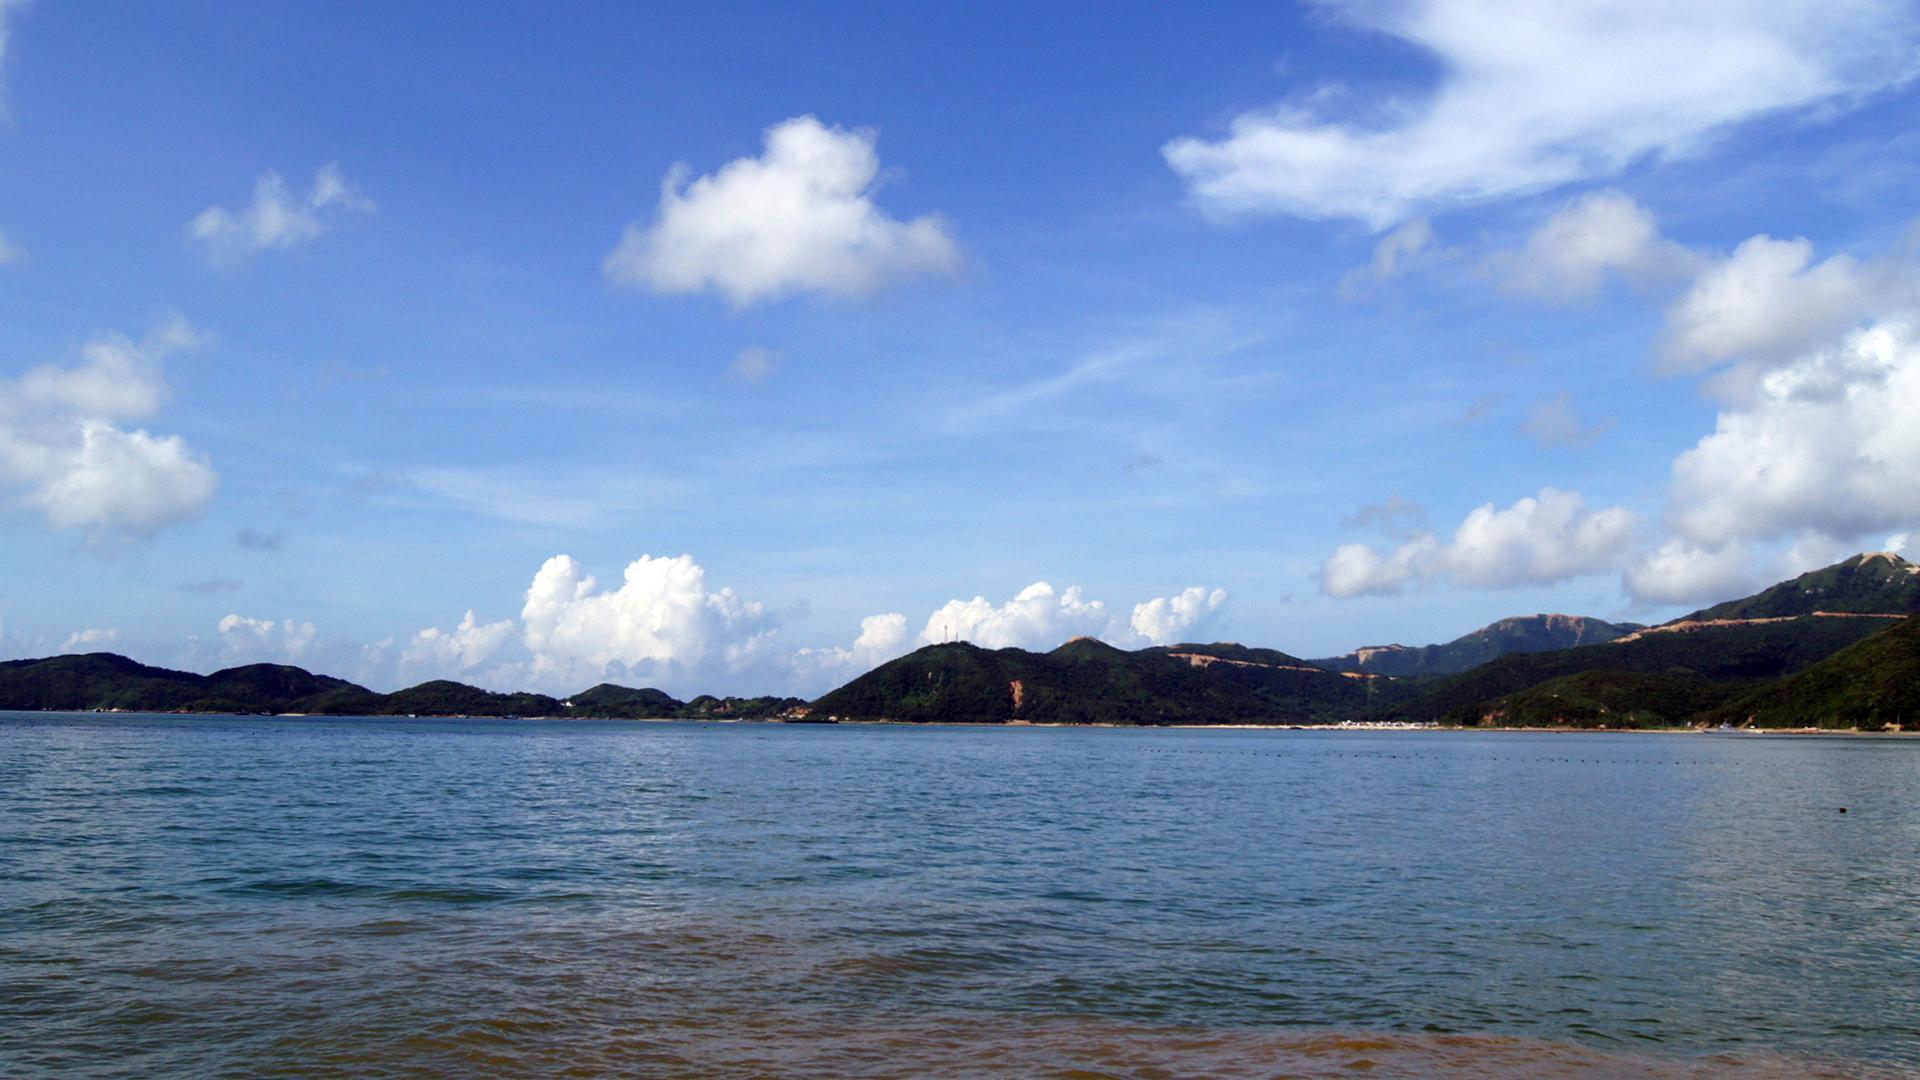 广东台山下川岛风景图片桌面壁纸